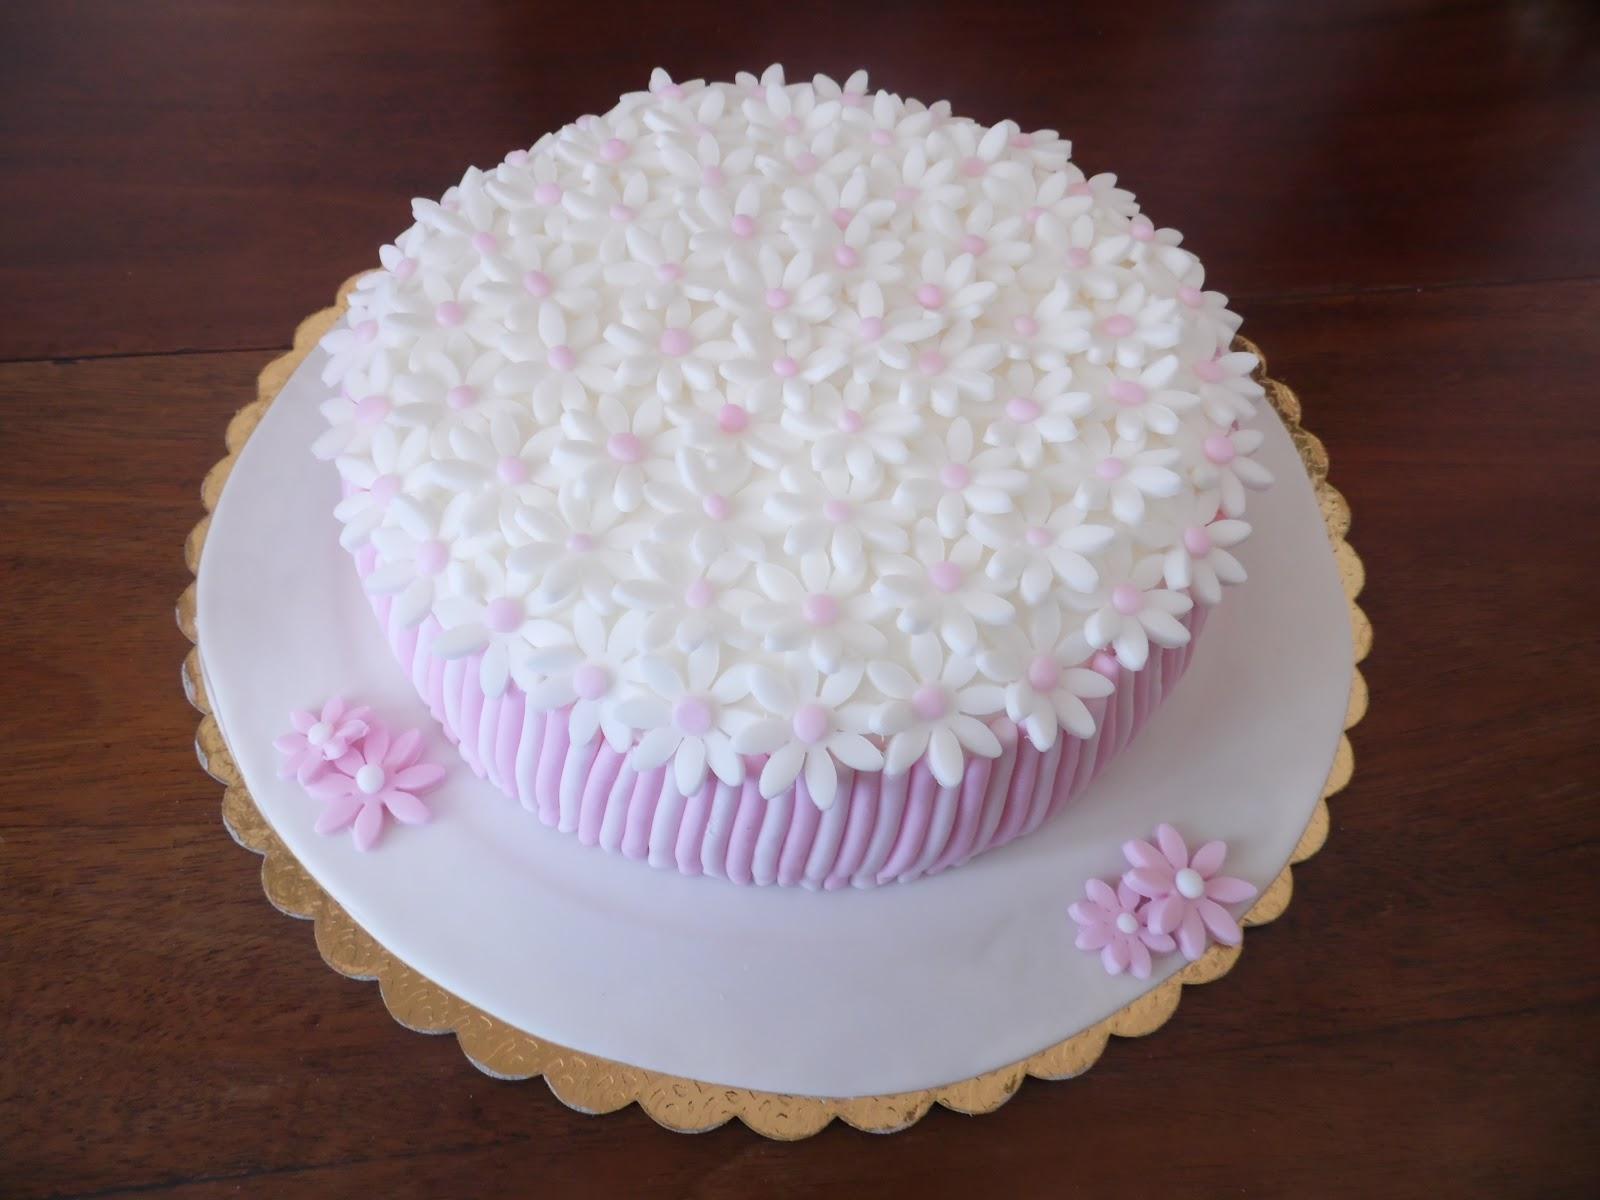 Torte decorate torta con margherite for Decorazioni torte per 60 anni di matrimonio